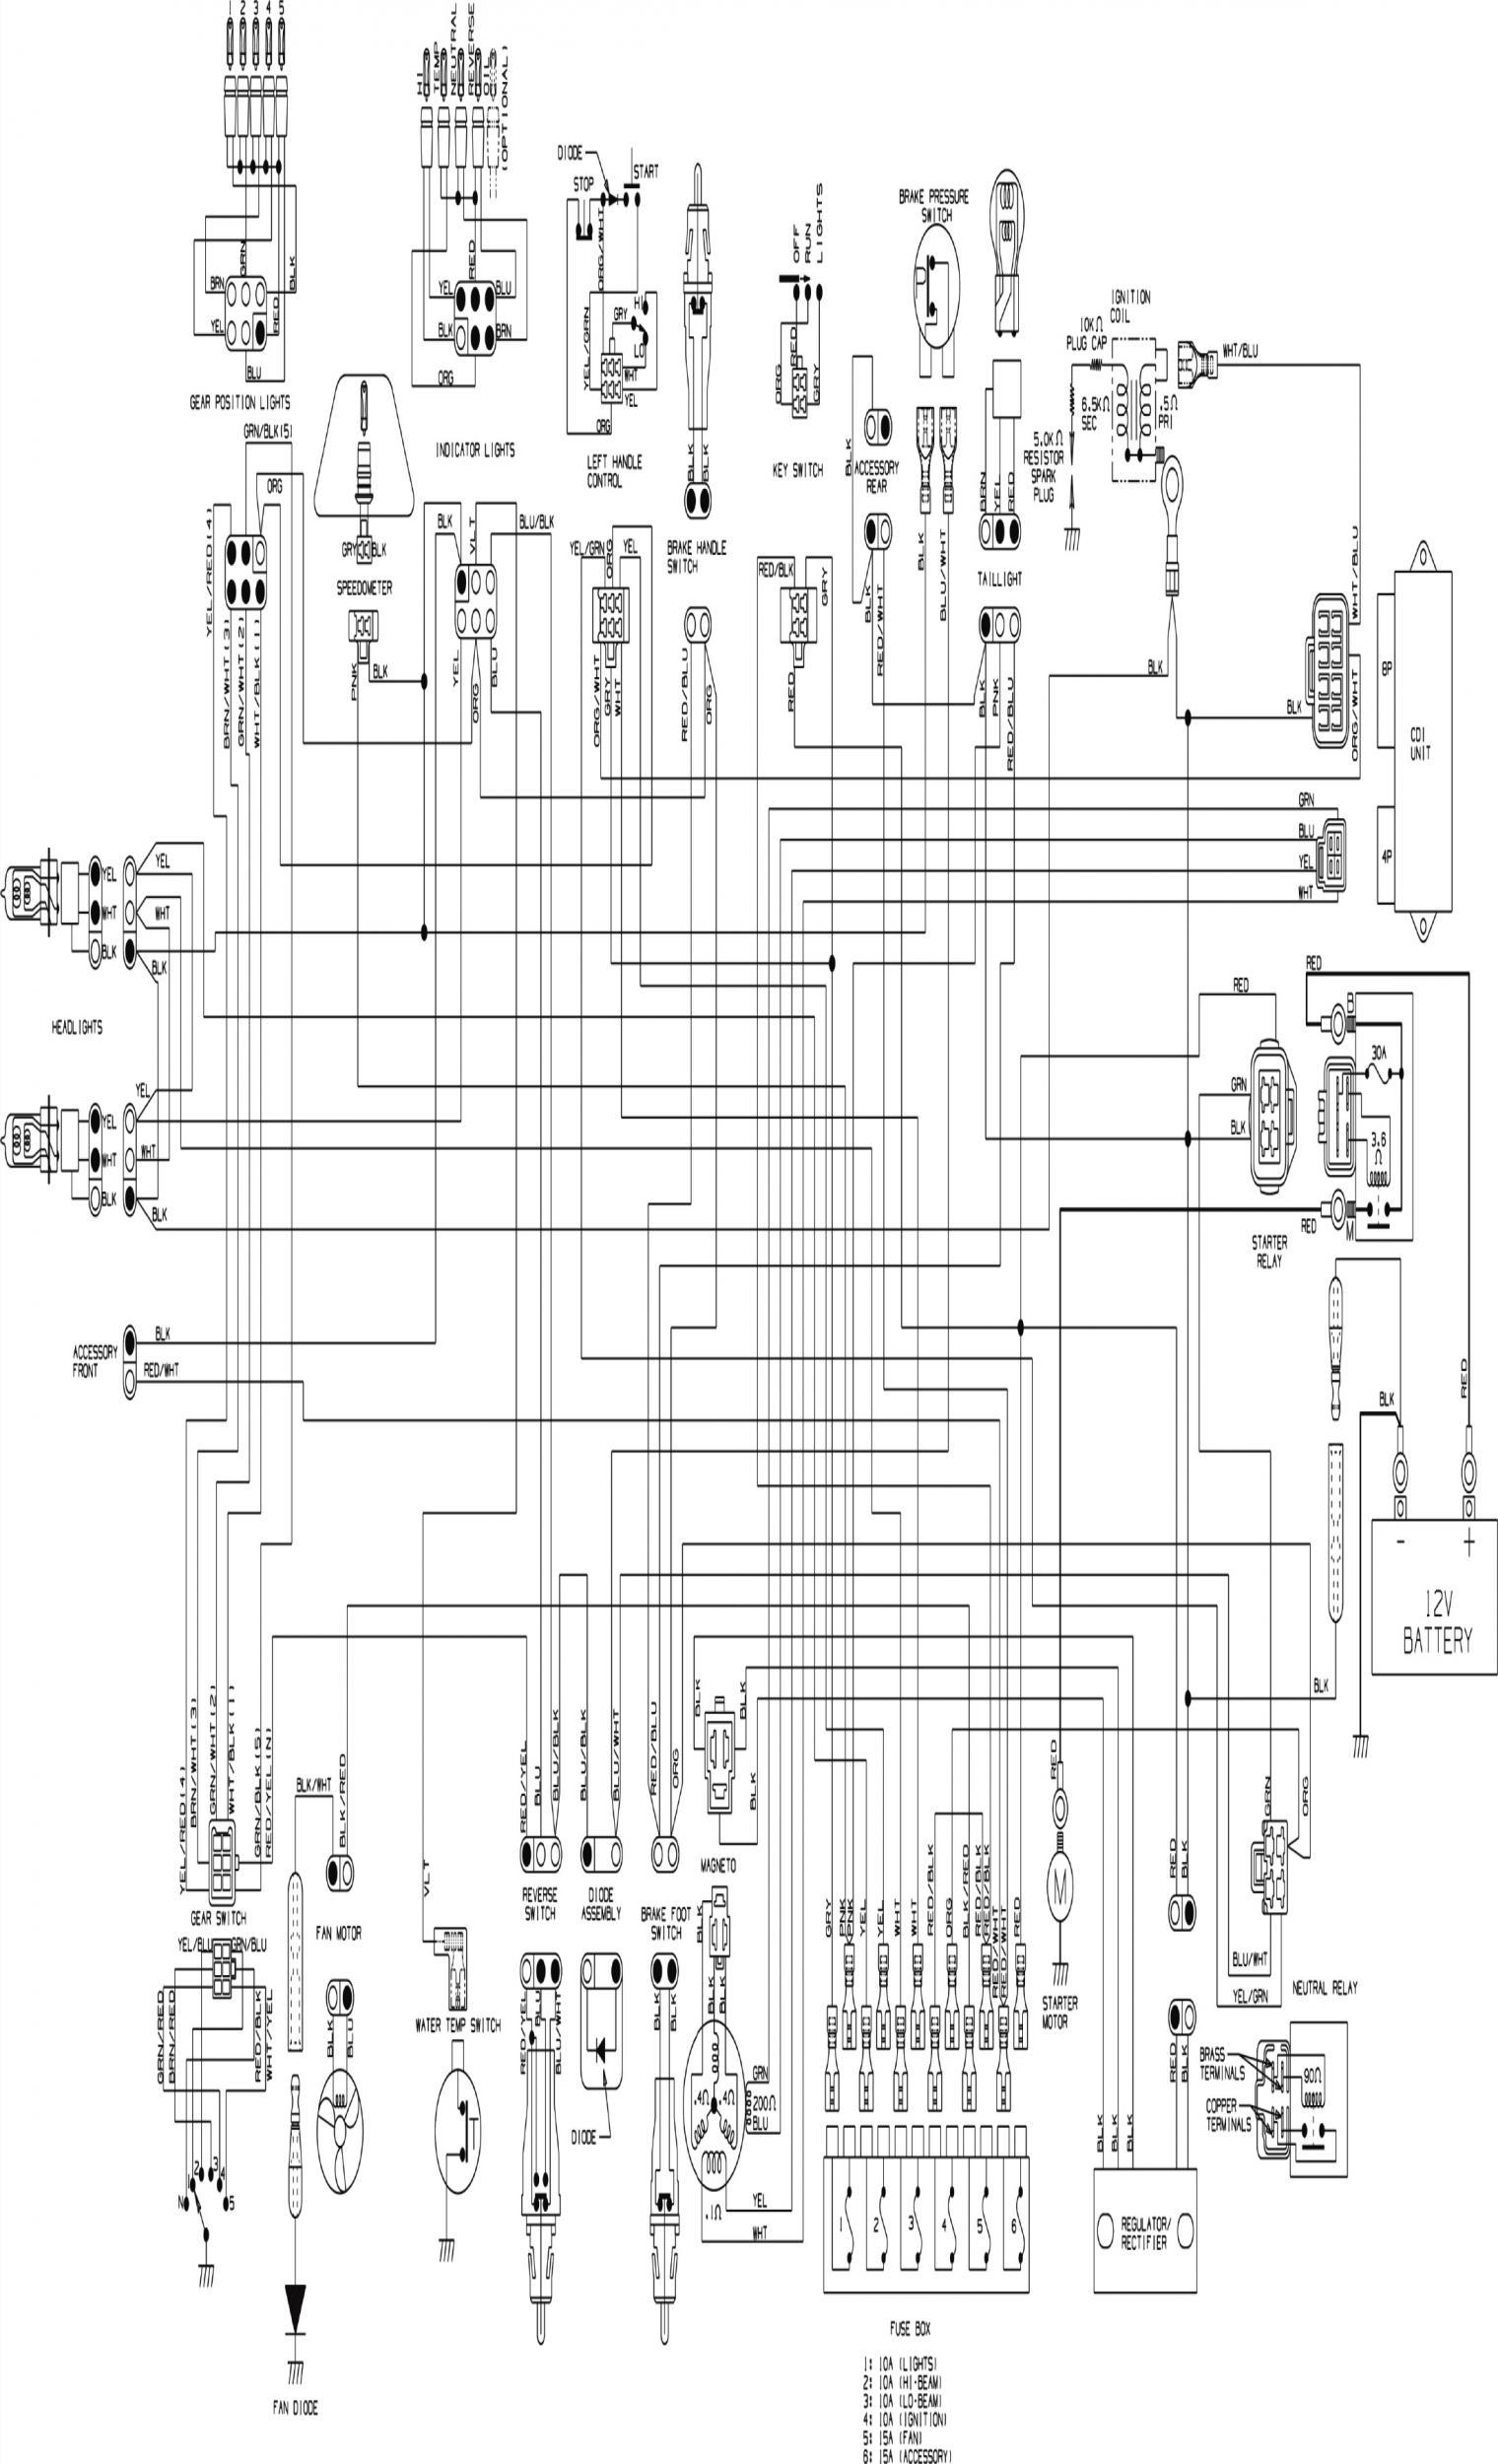 04 Arctic Cat Wiring Diagram